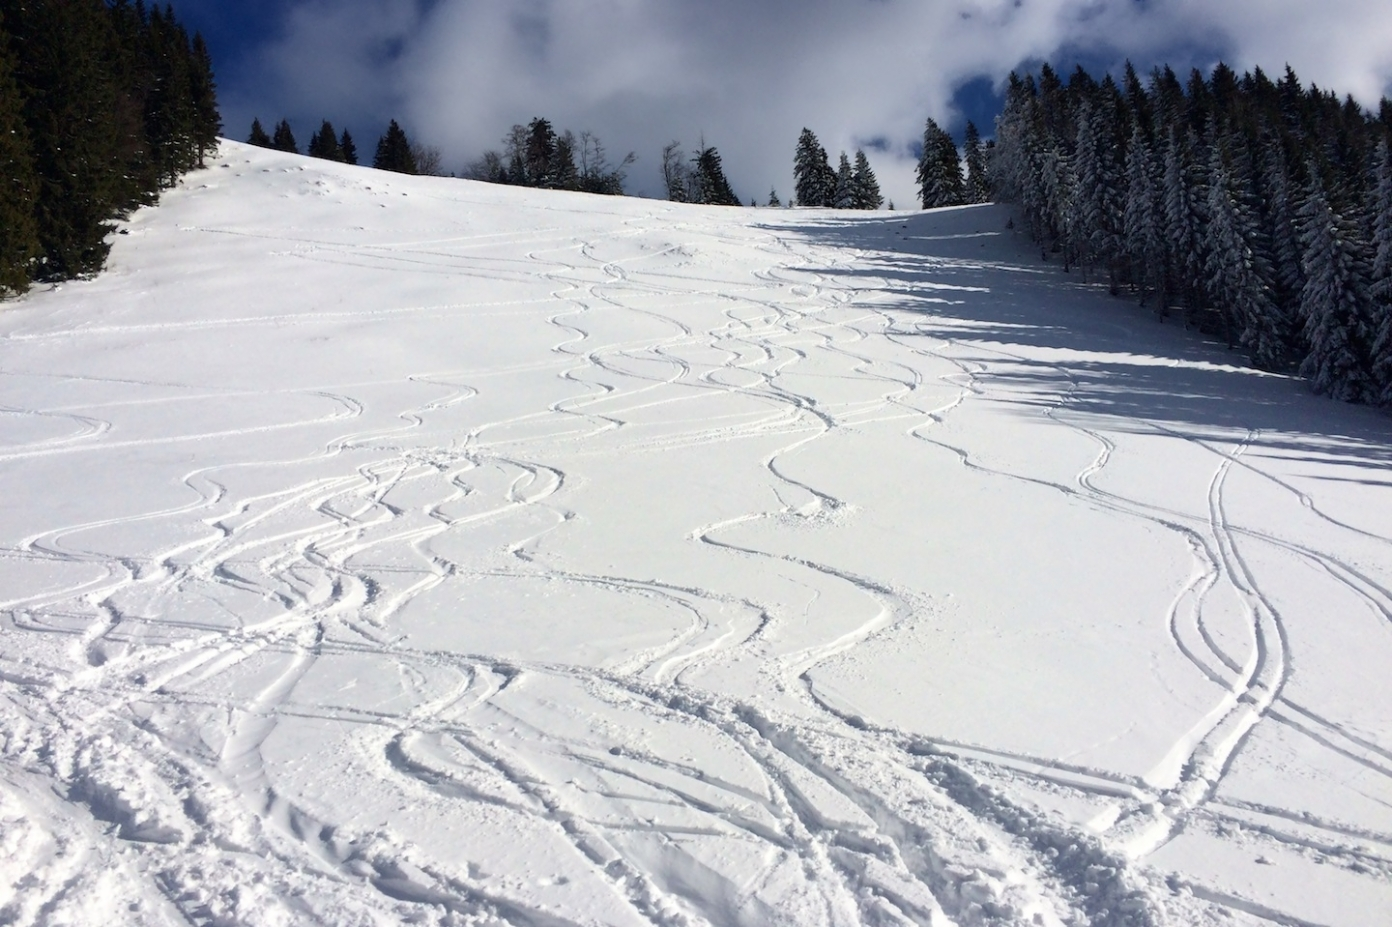 Podepsaná vrcholová loučka